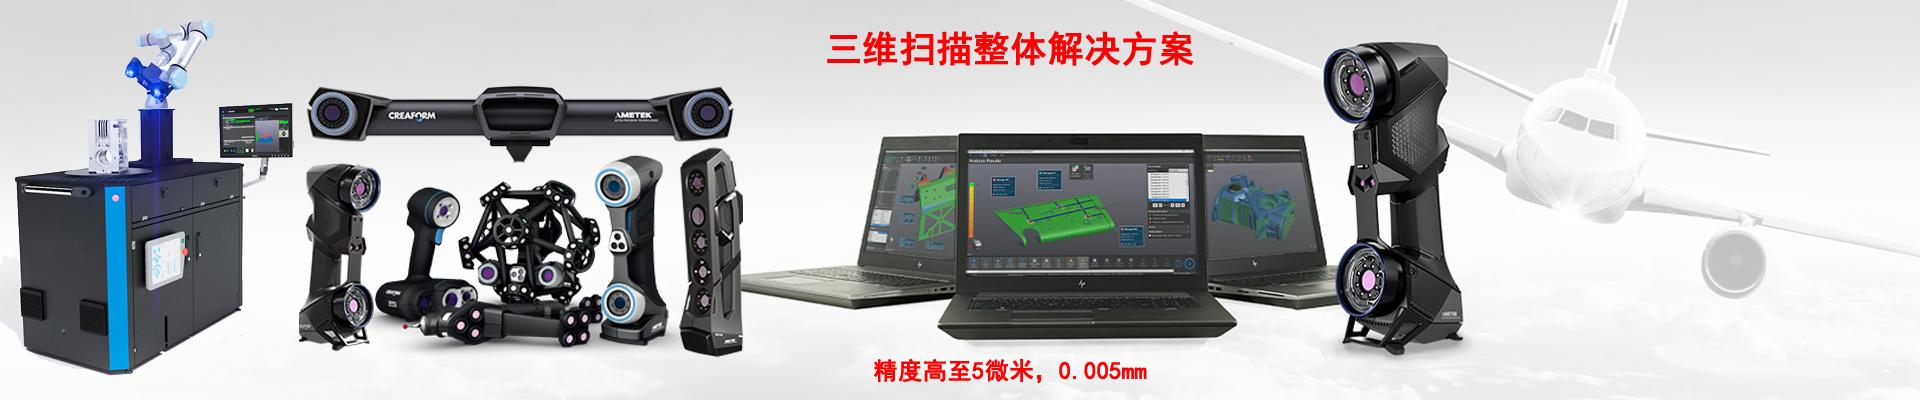 江西模具三维扫描仪 服务为先  上海模高信息科技供应